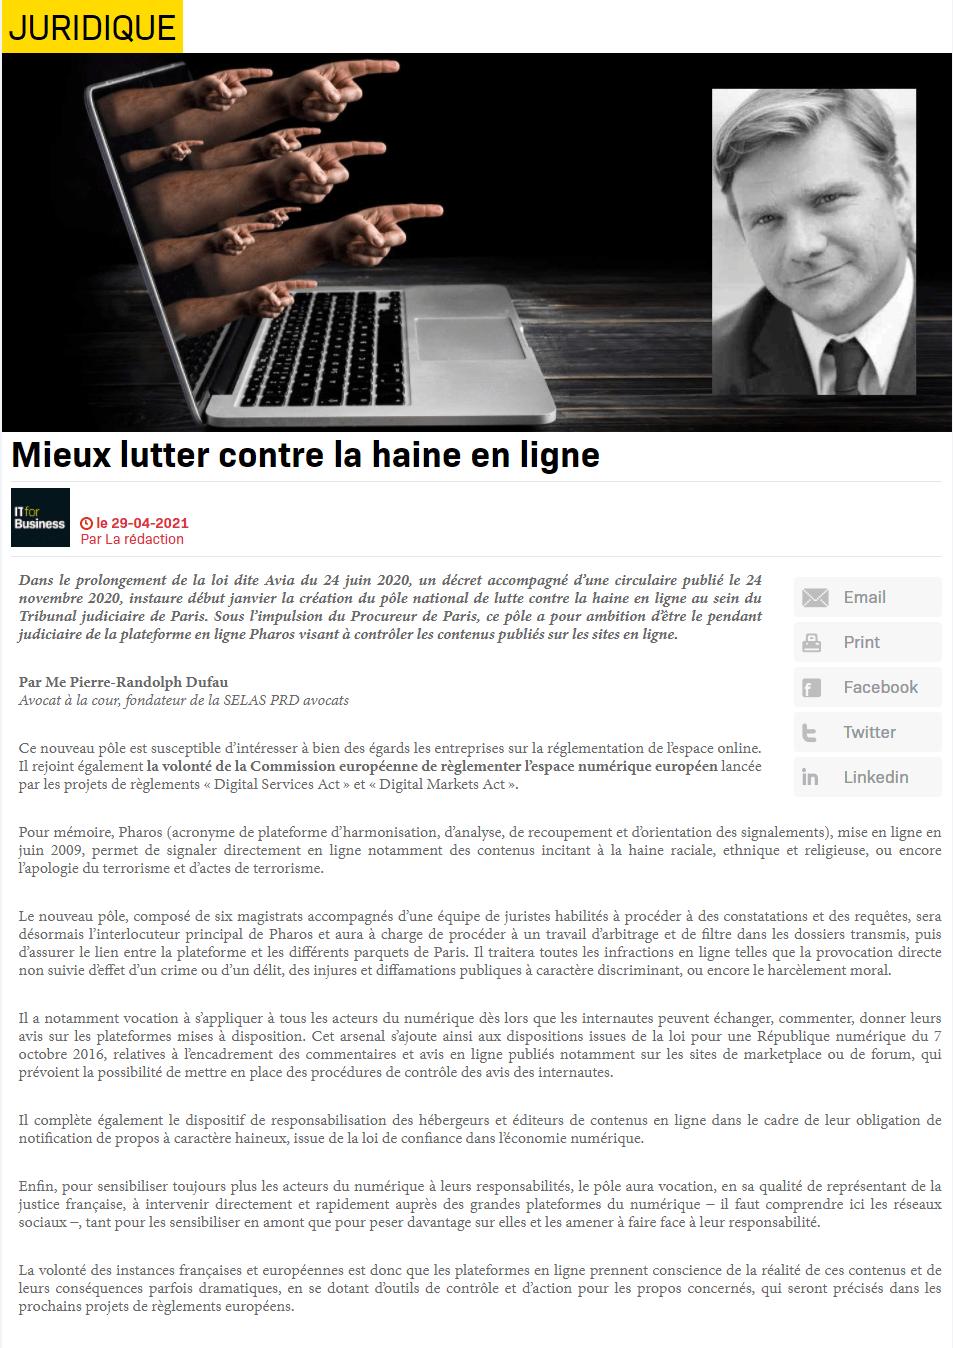 Mieux lutter contre la haine en ligne